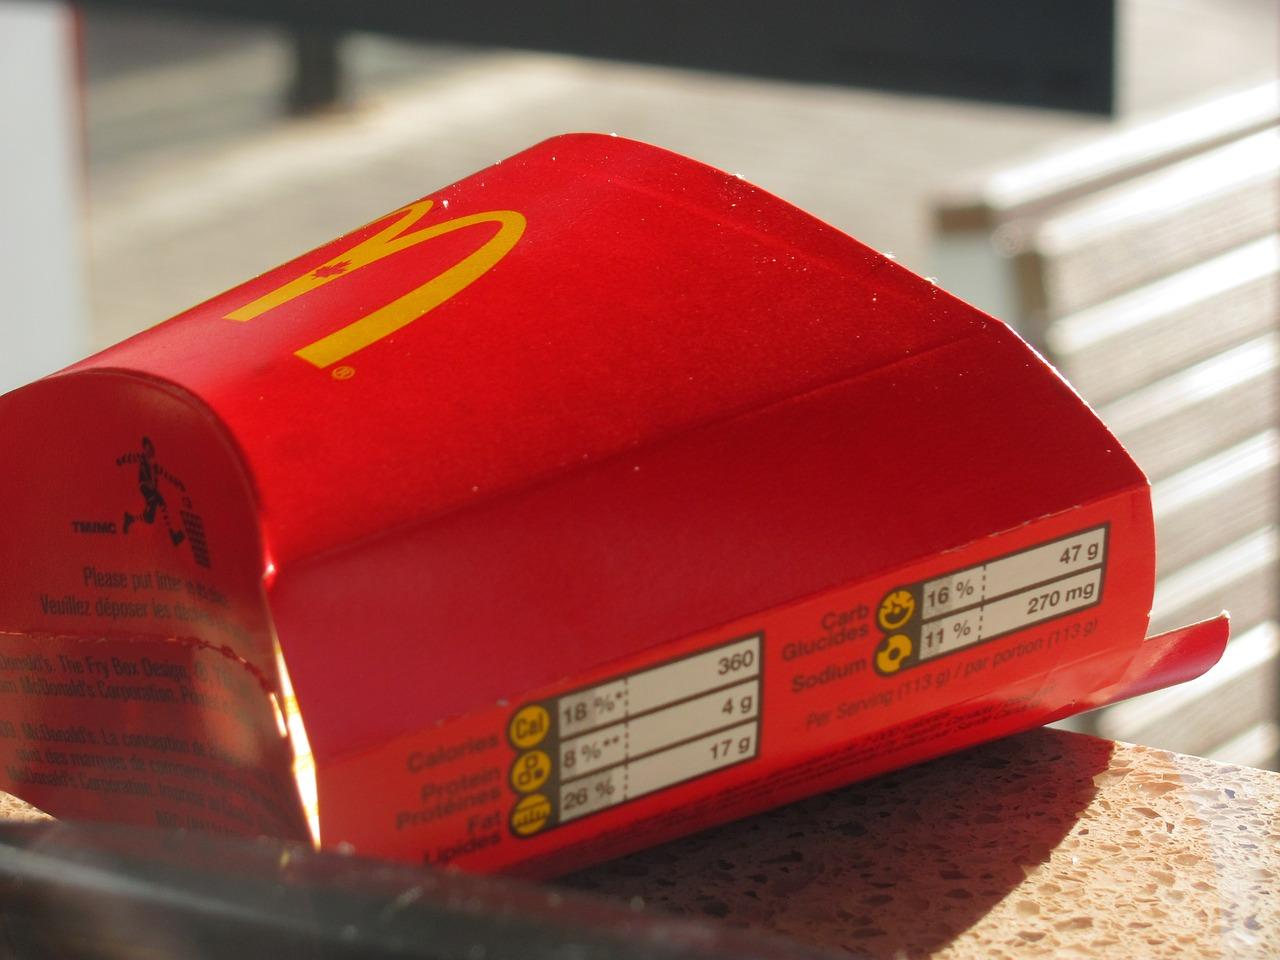 McDonald's відкрив другий ресторан в Україні в форматі «досвід майбутнього»